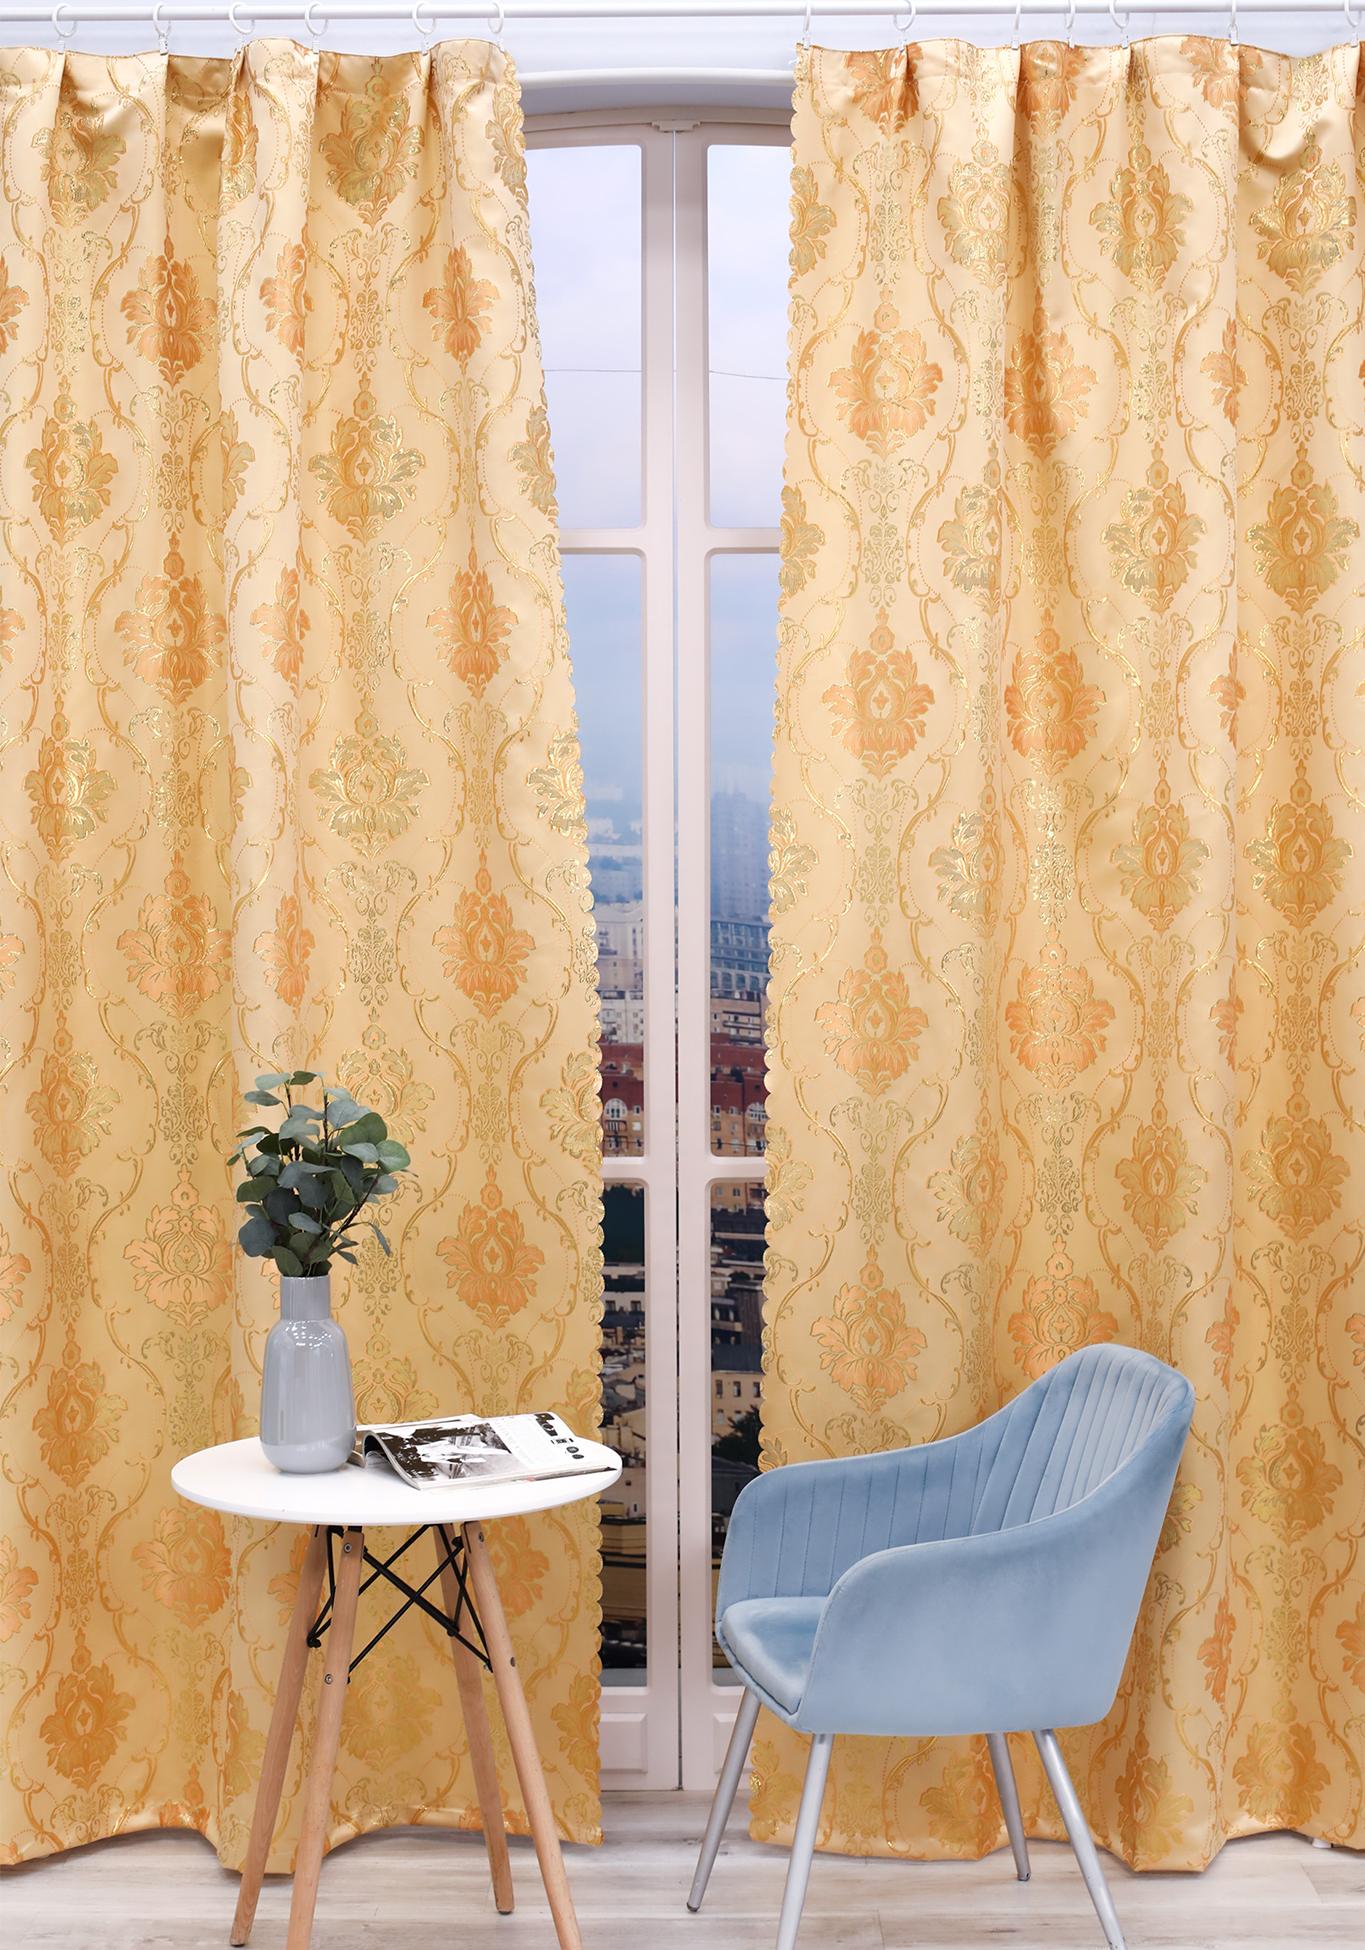 Комплект портьер Янтарная комната комплект портьер цветочный каприз